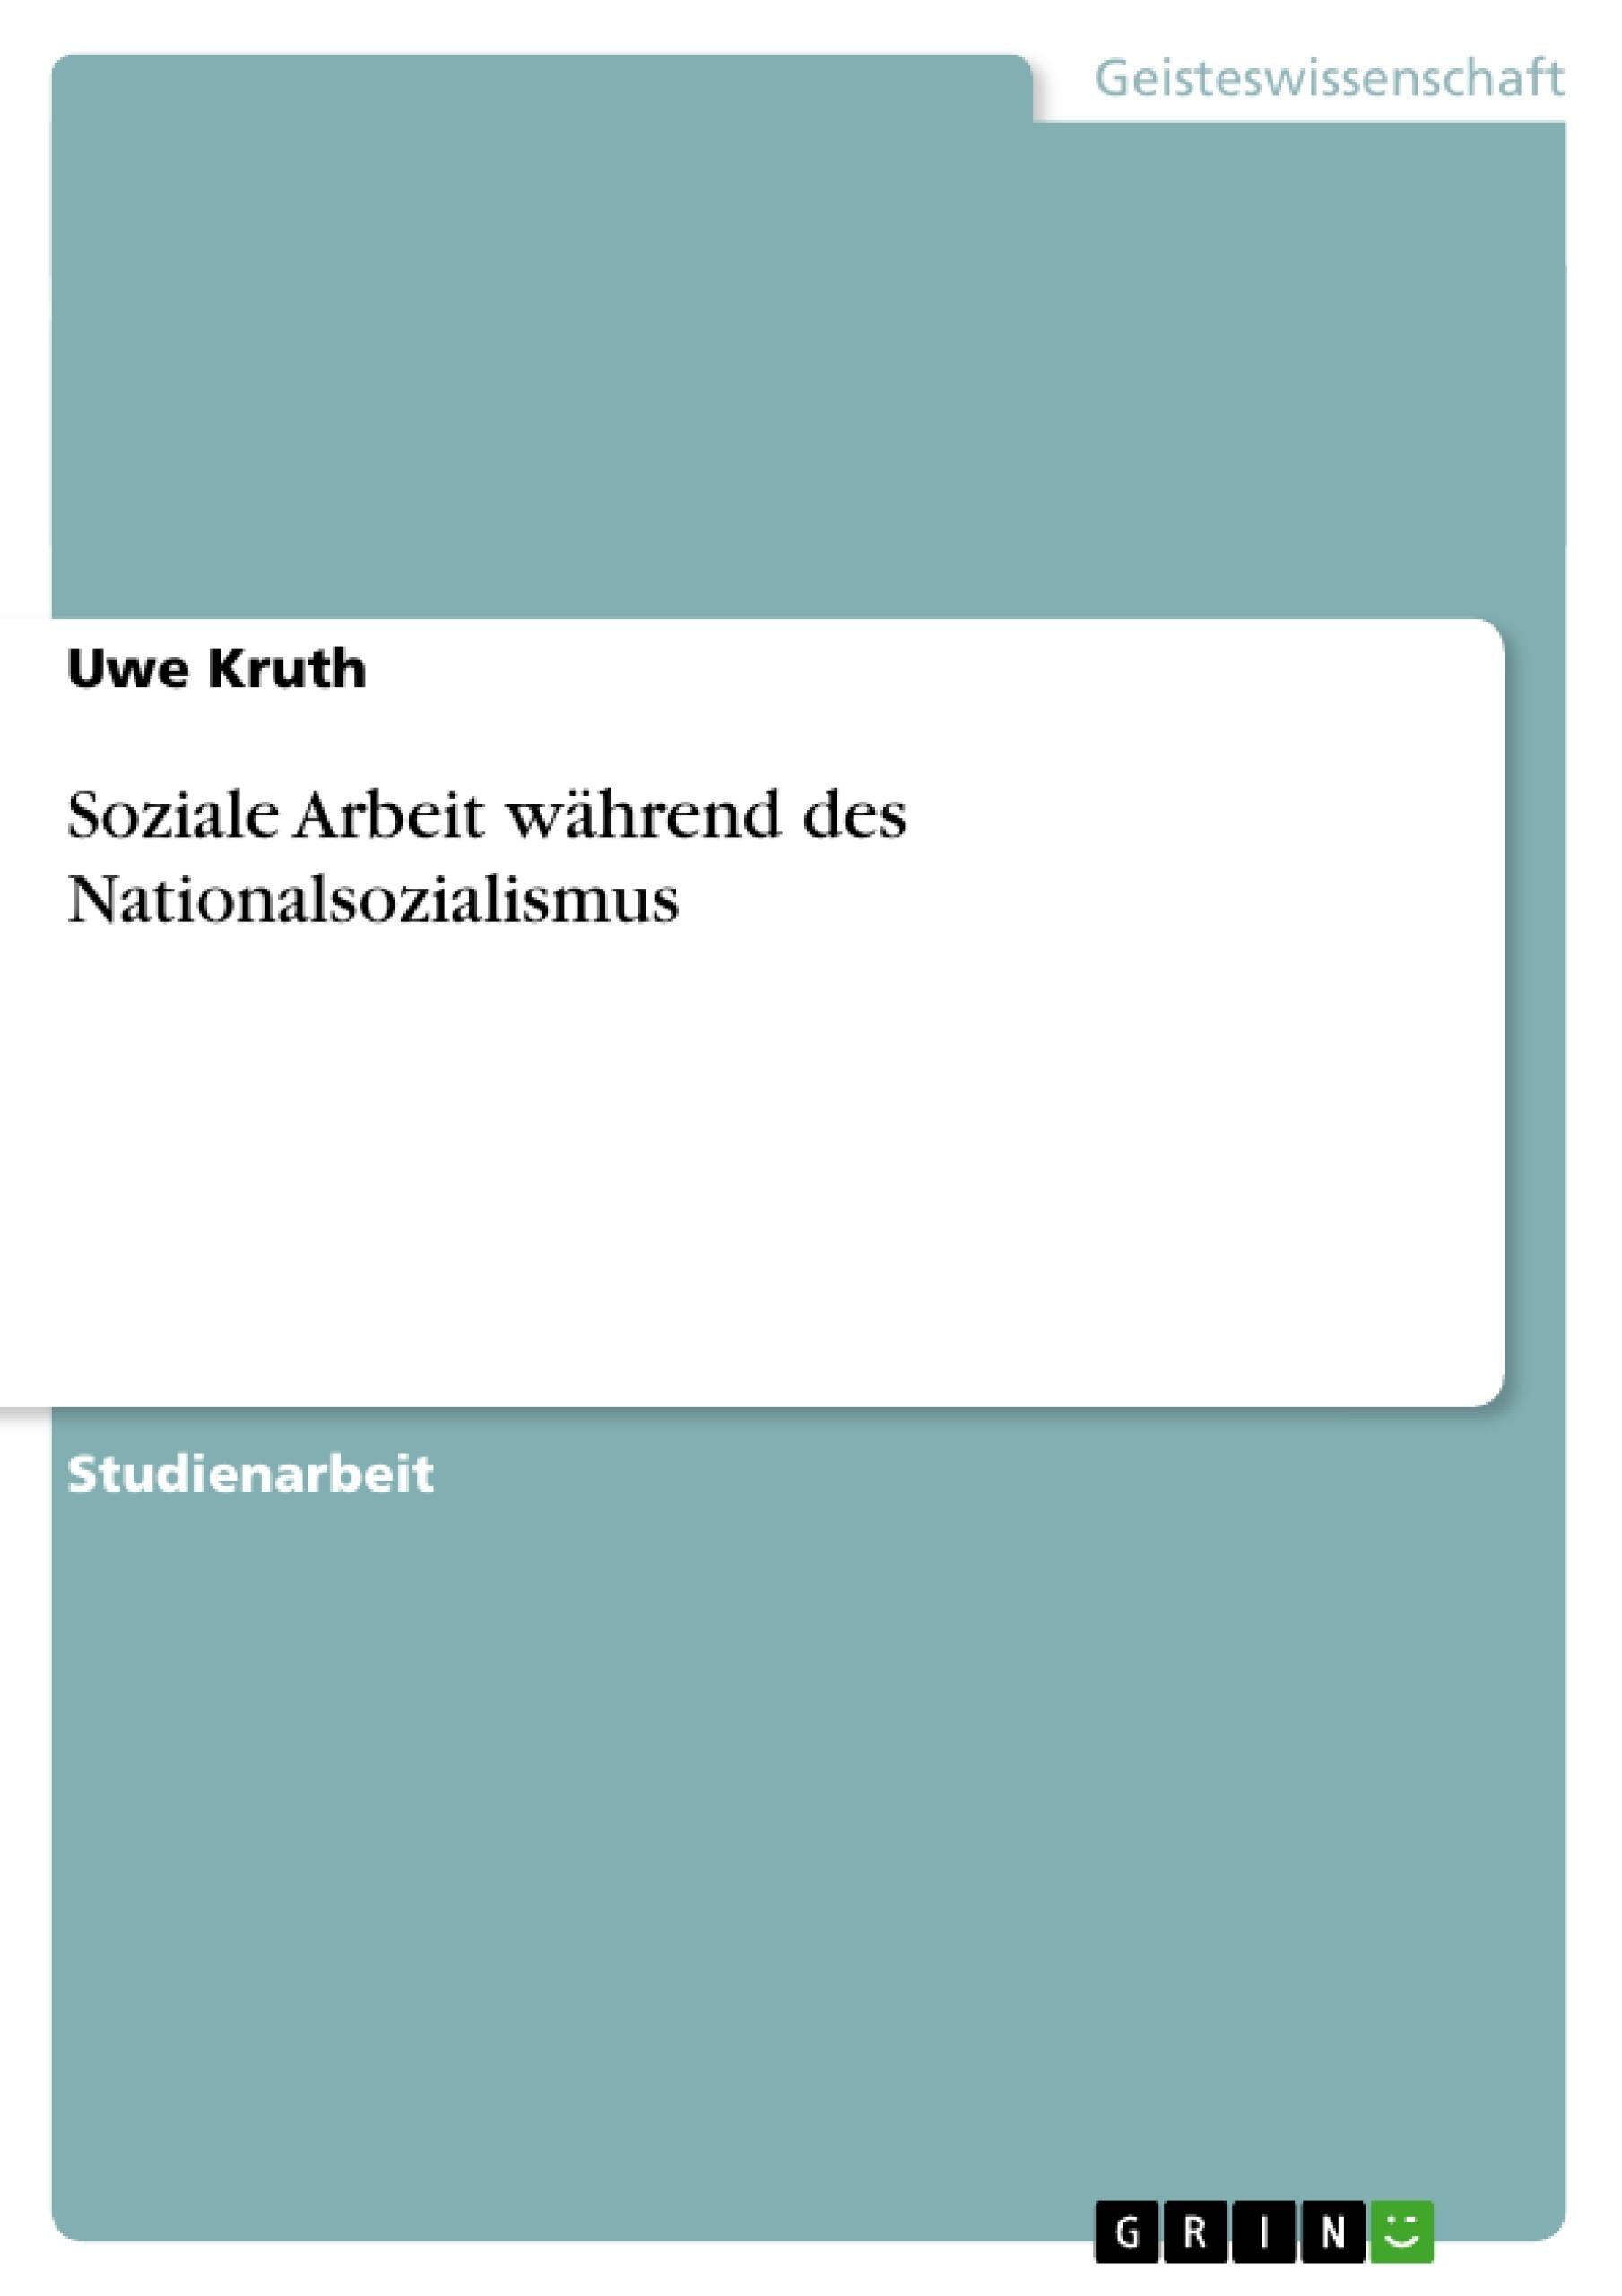 Titel: Soziale Arbeit während des Nationalsozialismus